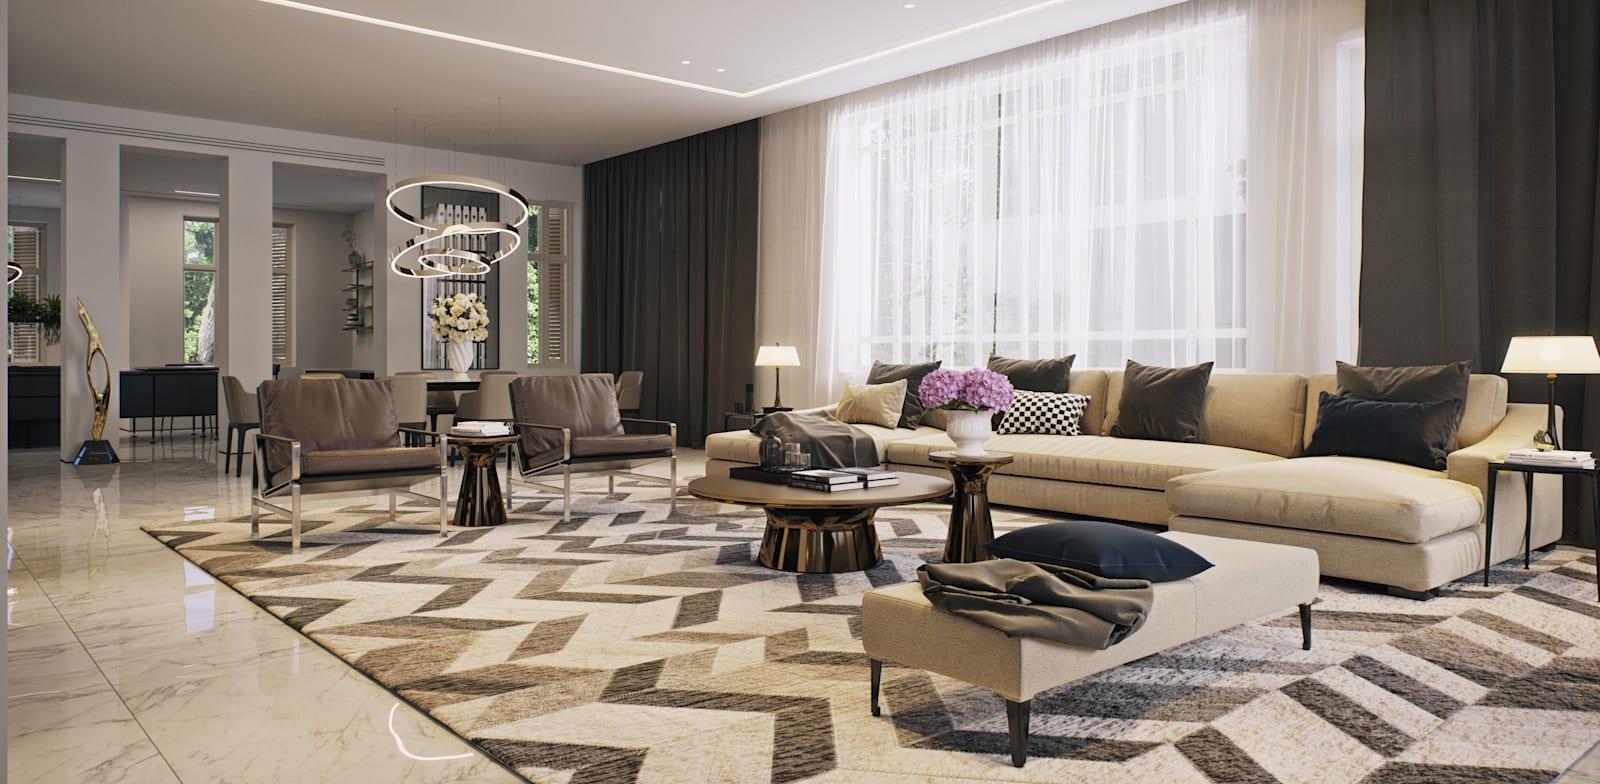 הסלון בקומת הכניסה / הדמיה: 3division